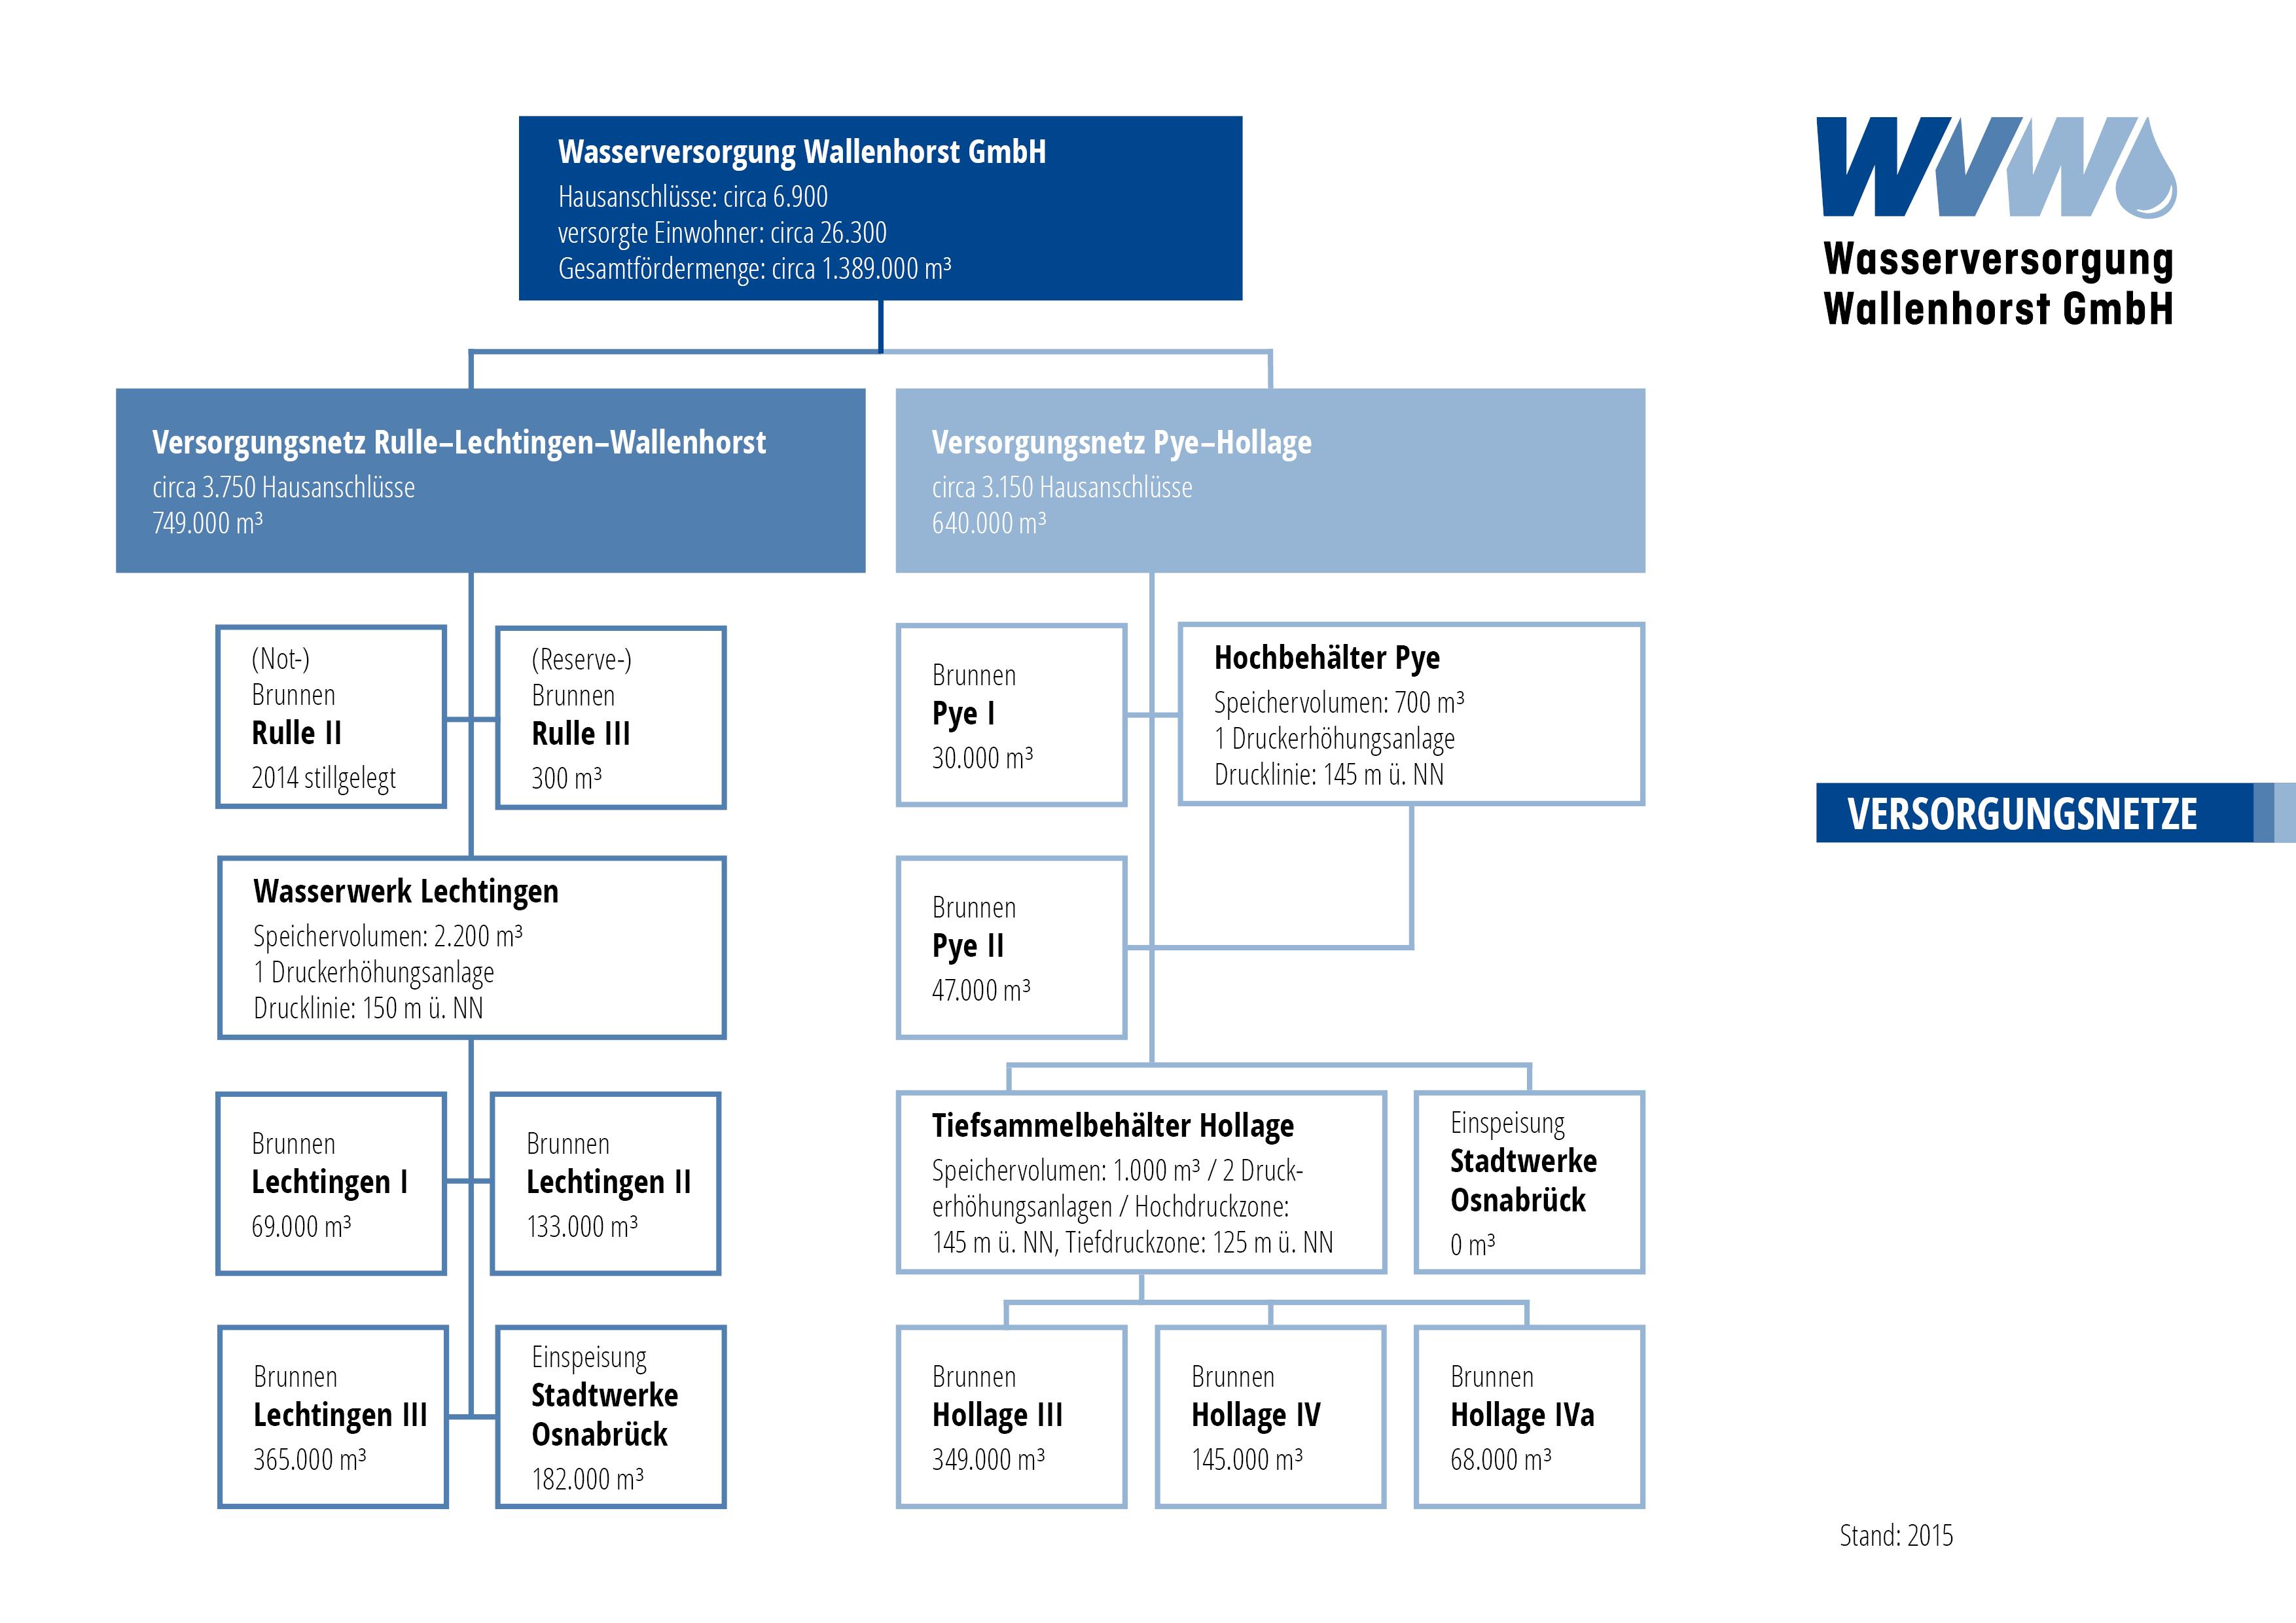 Versorgungsnetze der WVW GmbH